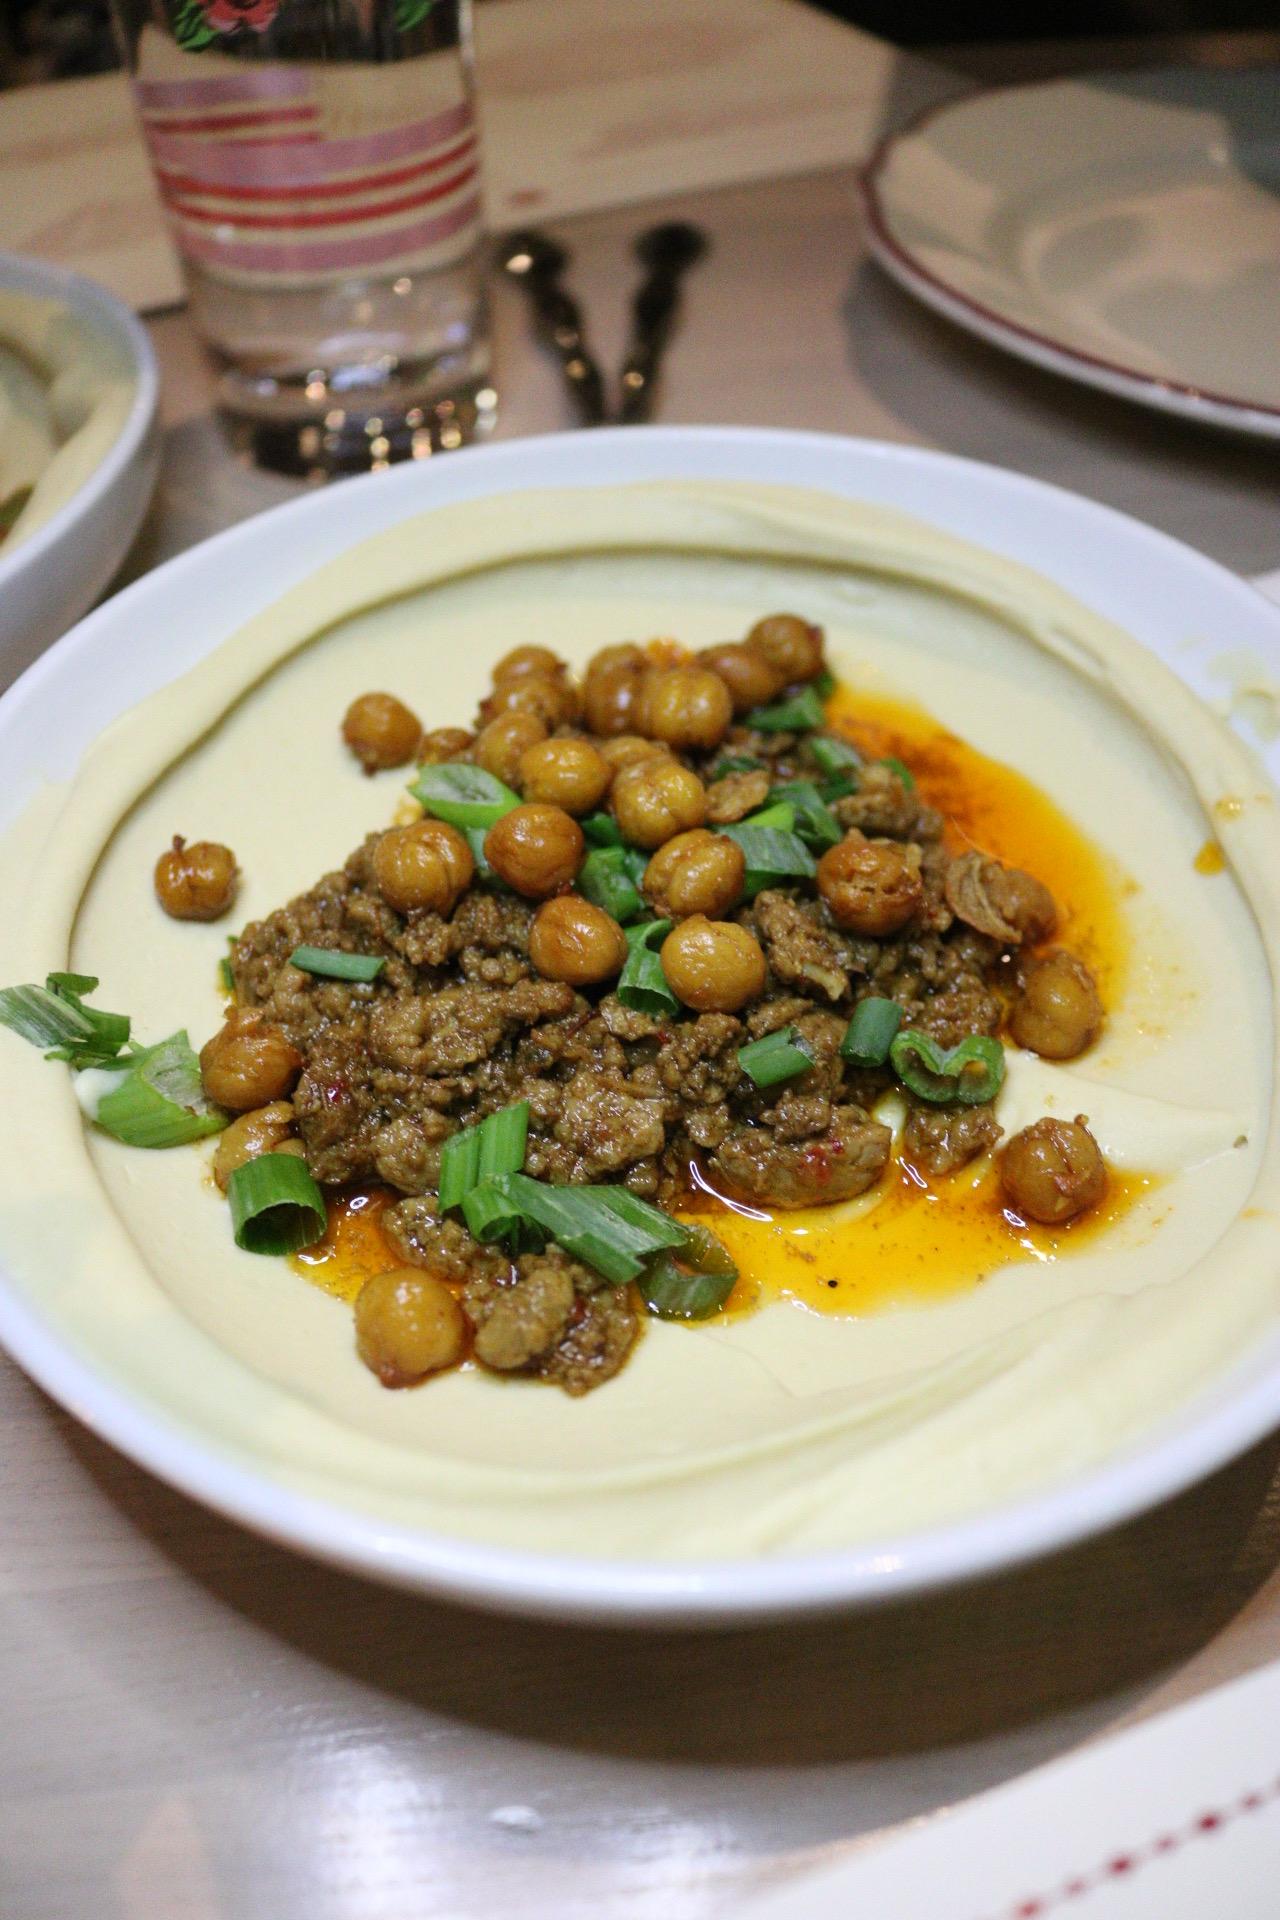 Safta Denver - Hummus